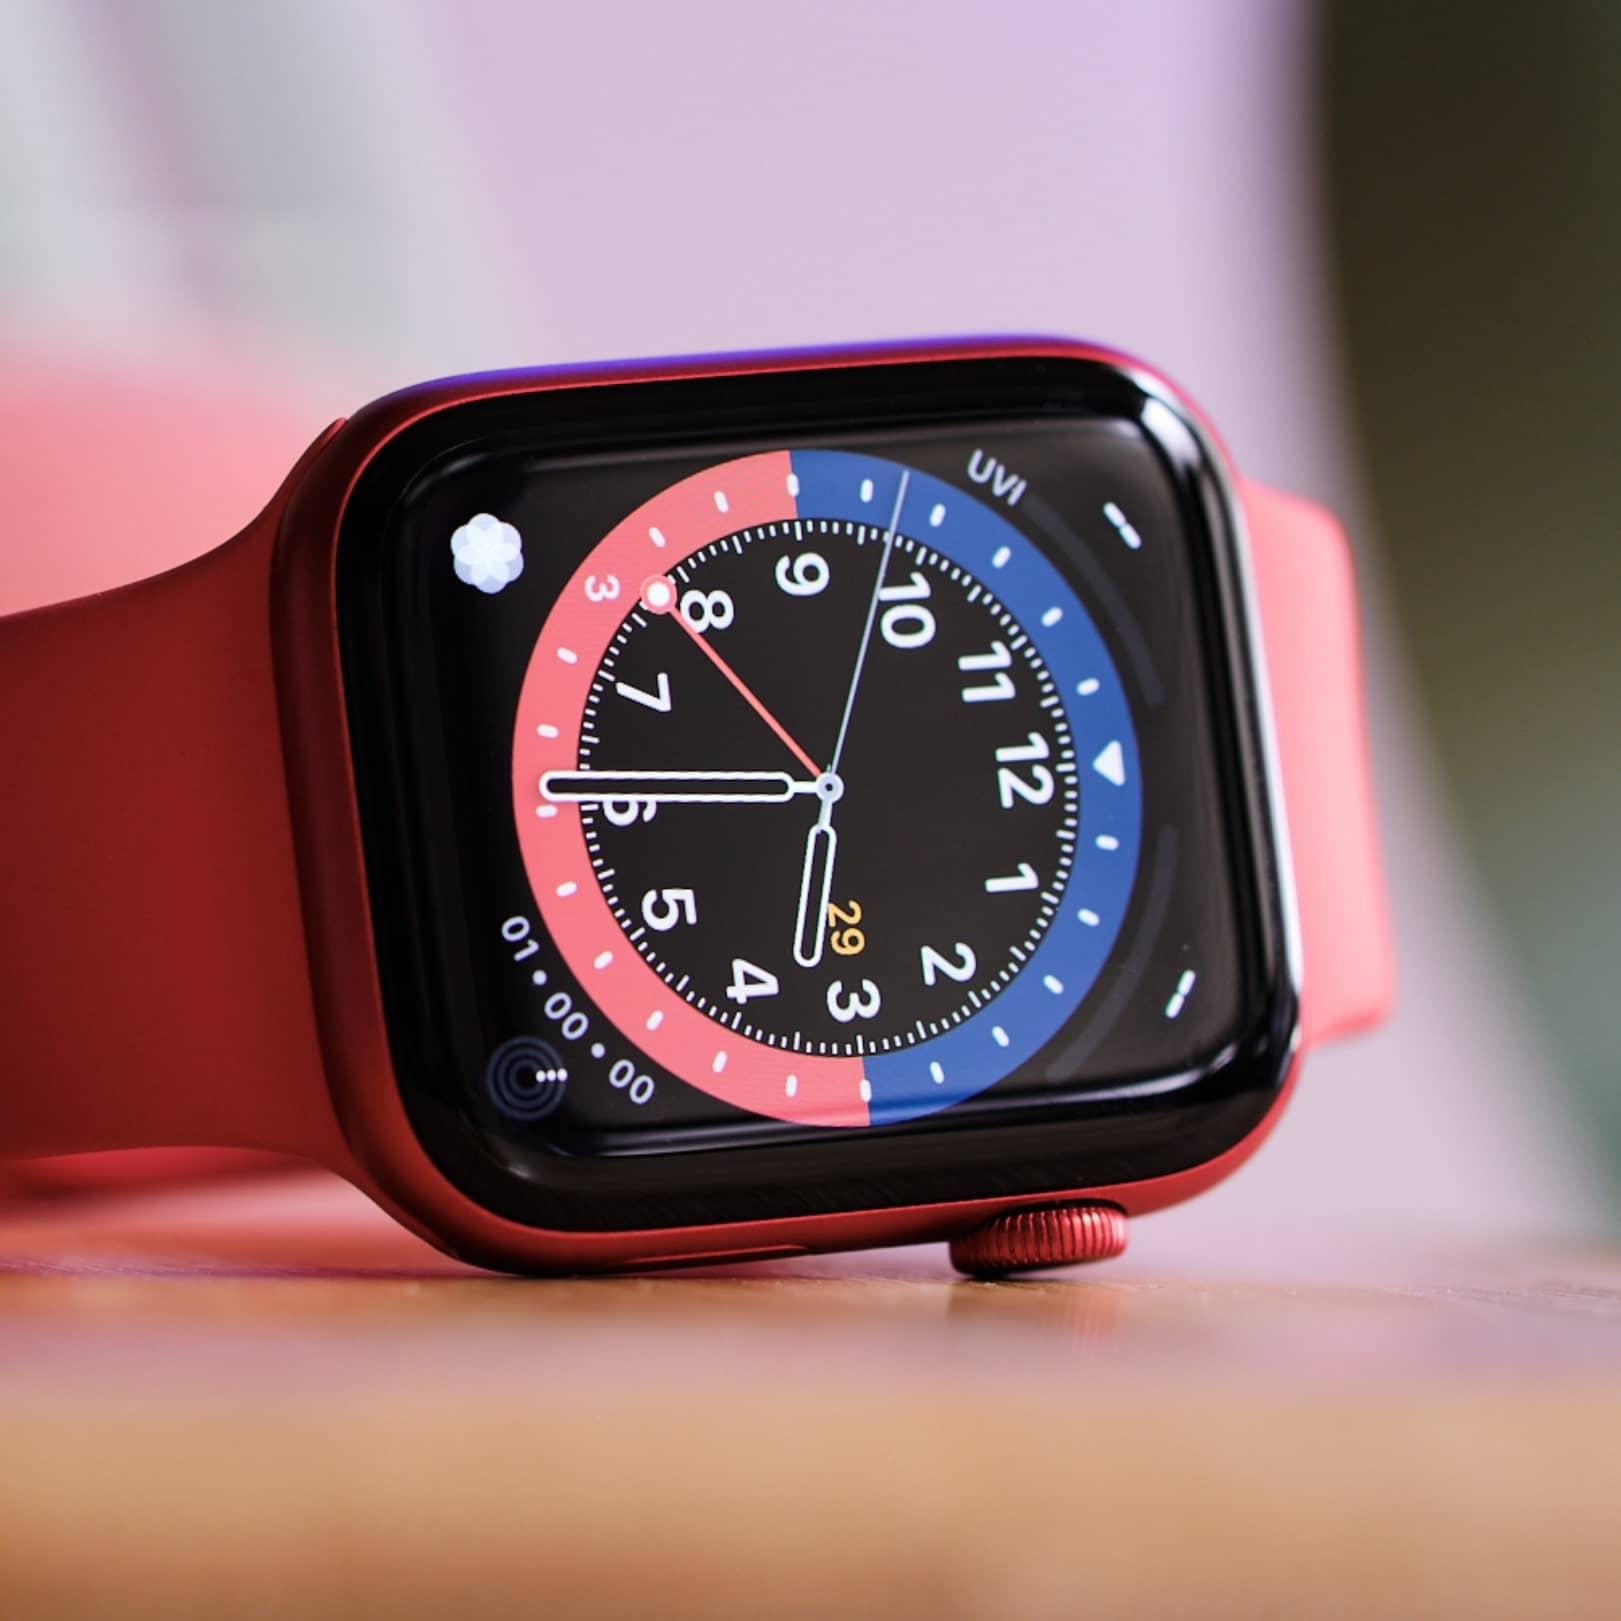 รีวิว Apple Watch 6: การออกแบบและหน้าจอที่เปิดตลอดเวลา